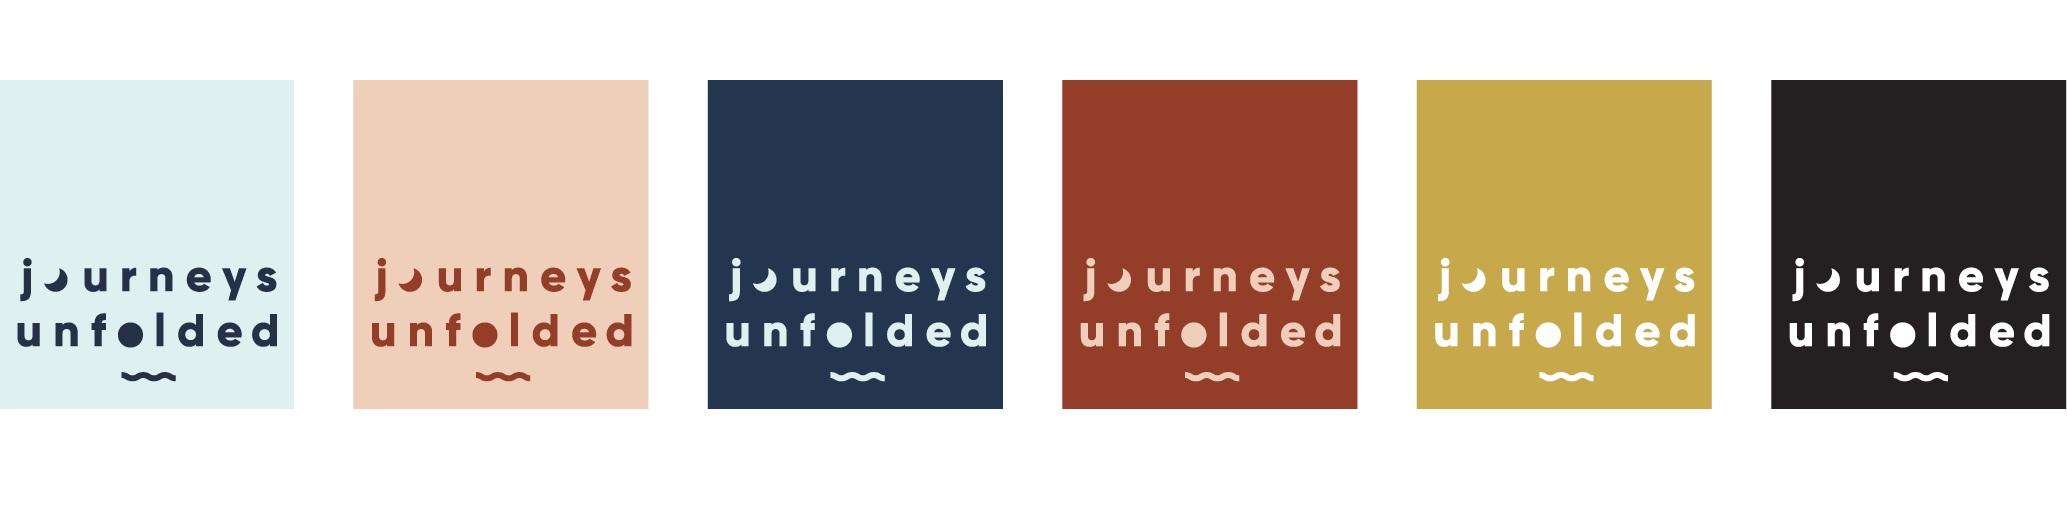 Journeys+Unfolded+template2.jpg